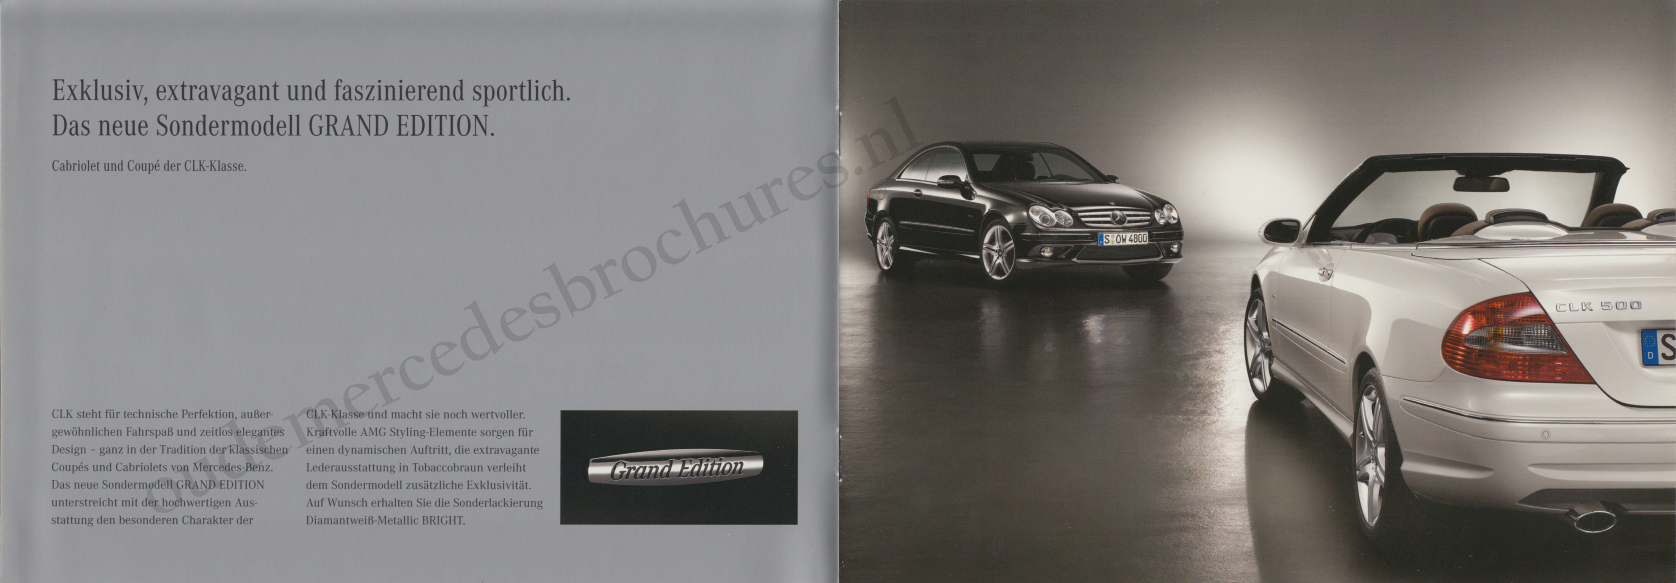 (A/C209): Catálogo 2008 - Grand Edition - alemão 003